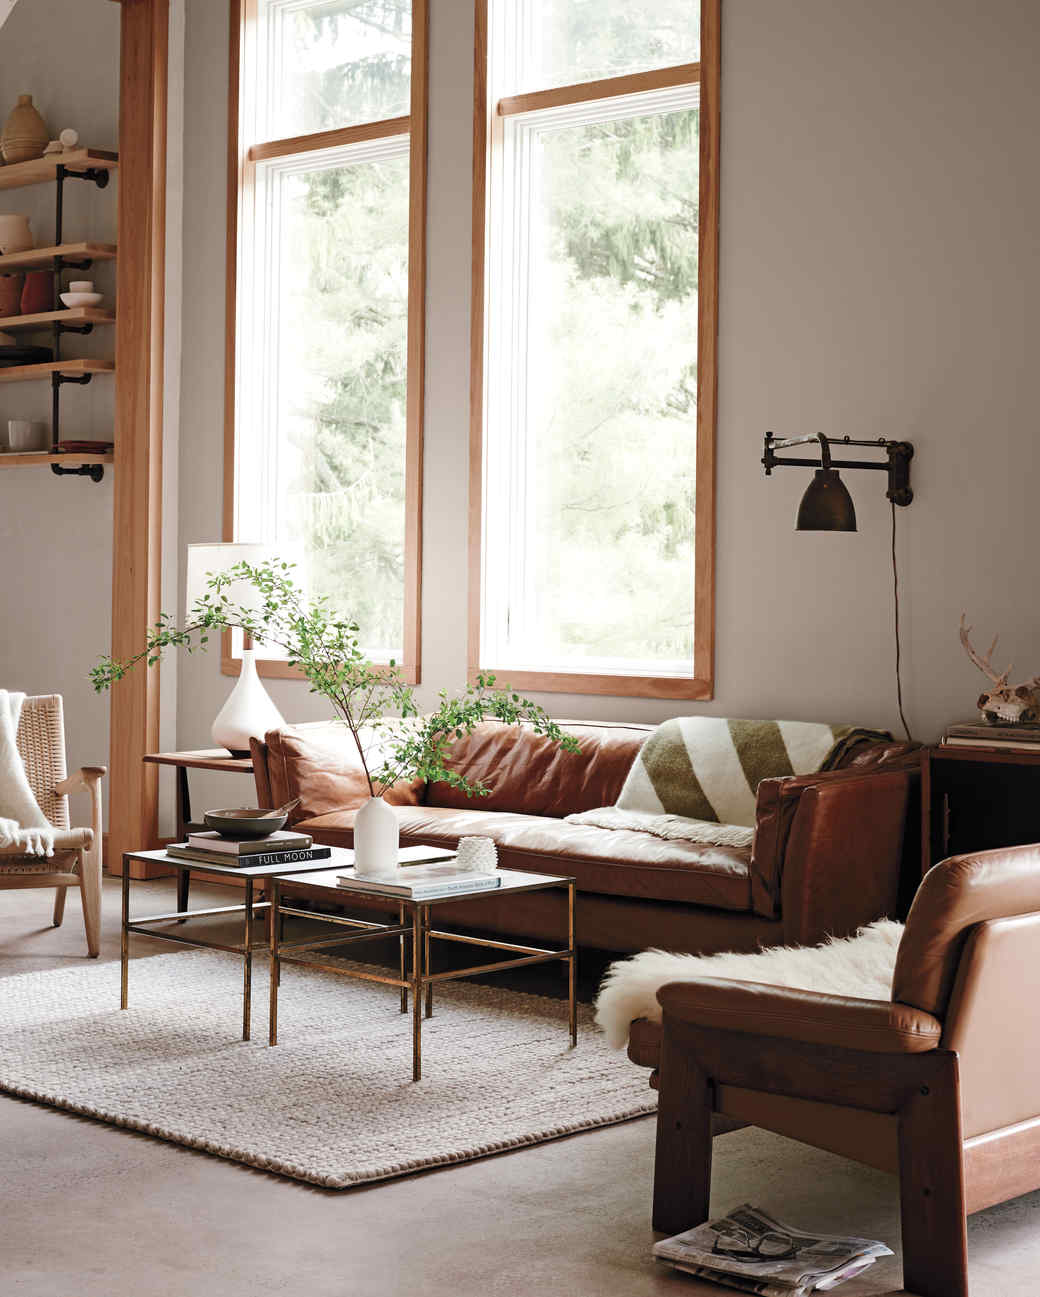 salon confortable avec canapé en cuir et neutres | Coco Kelley